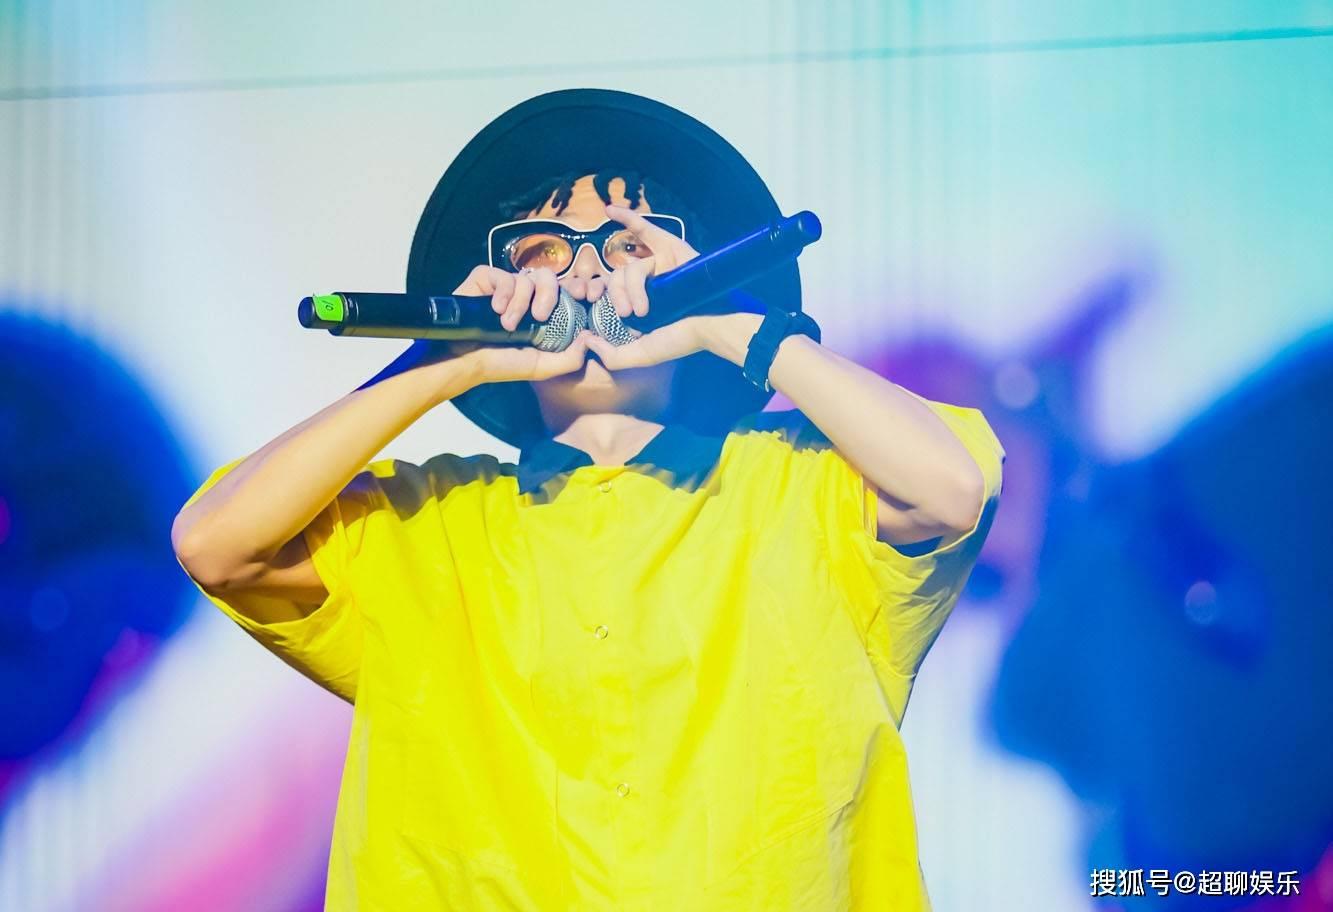 福克斯rapper被签约 中国嘻哈福克斯人品